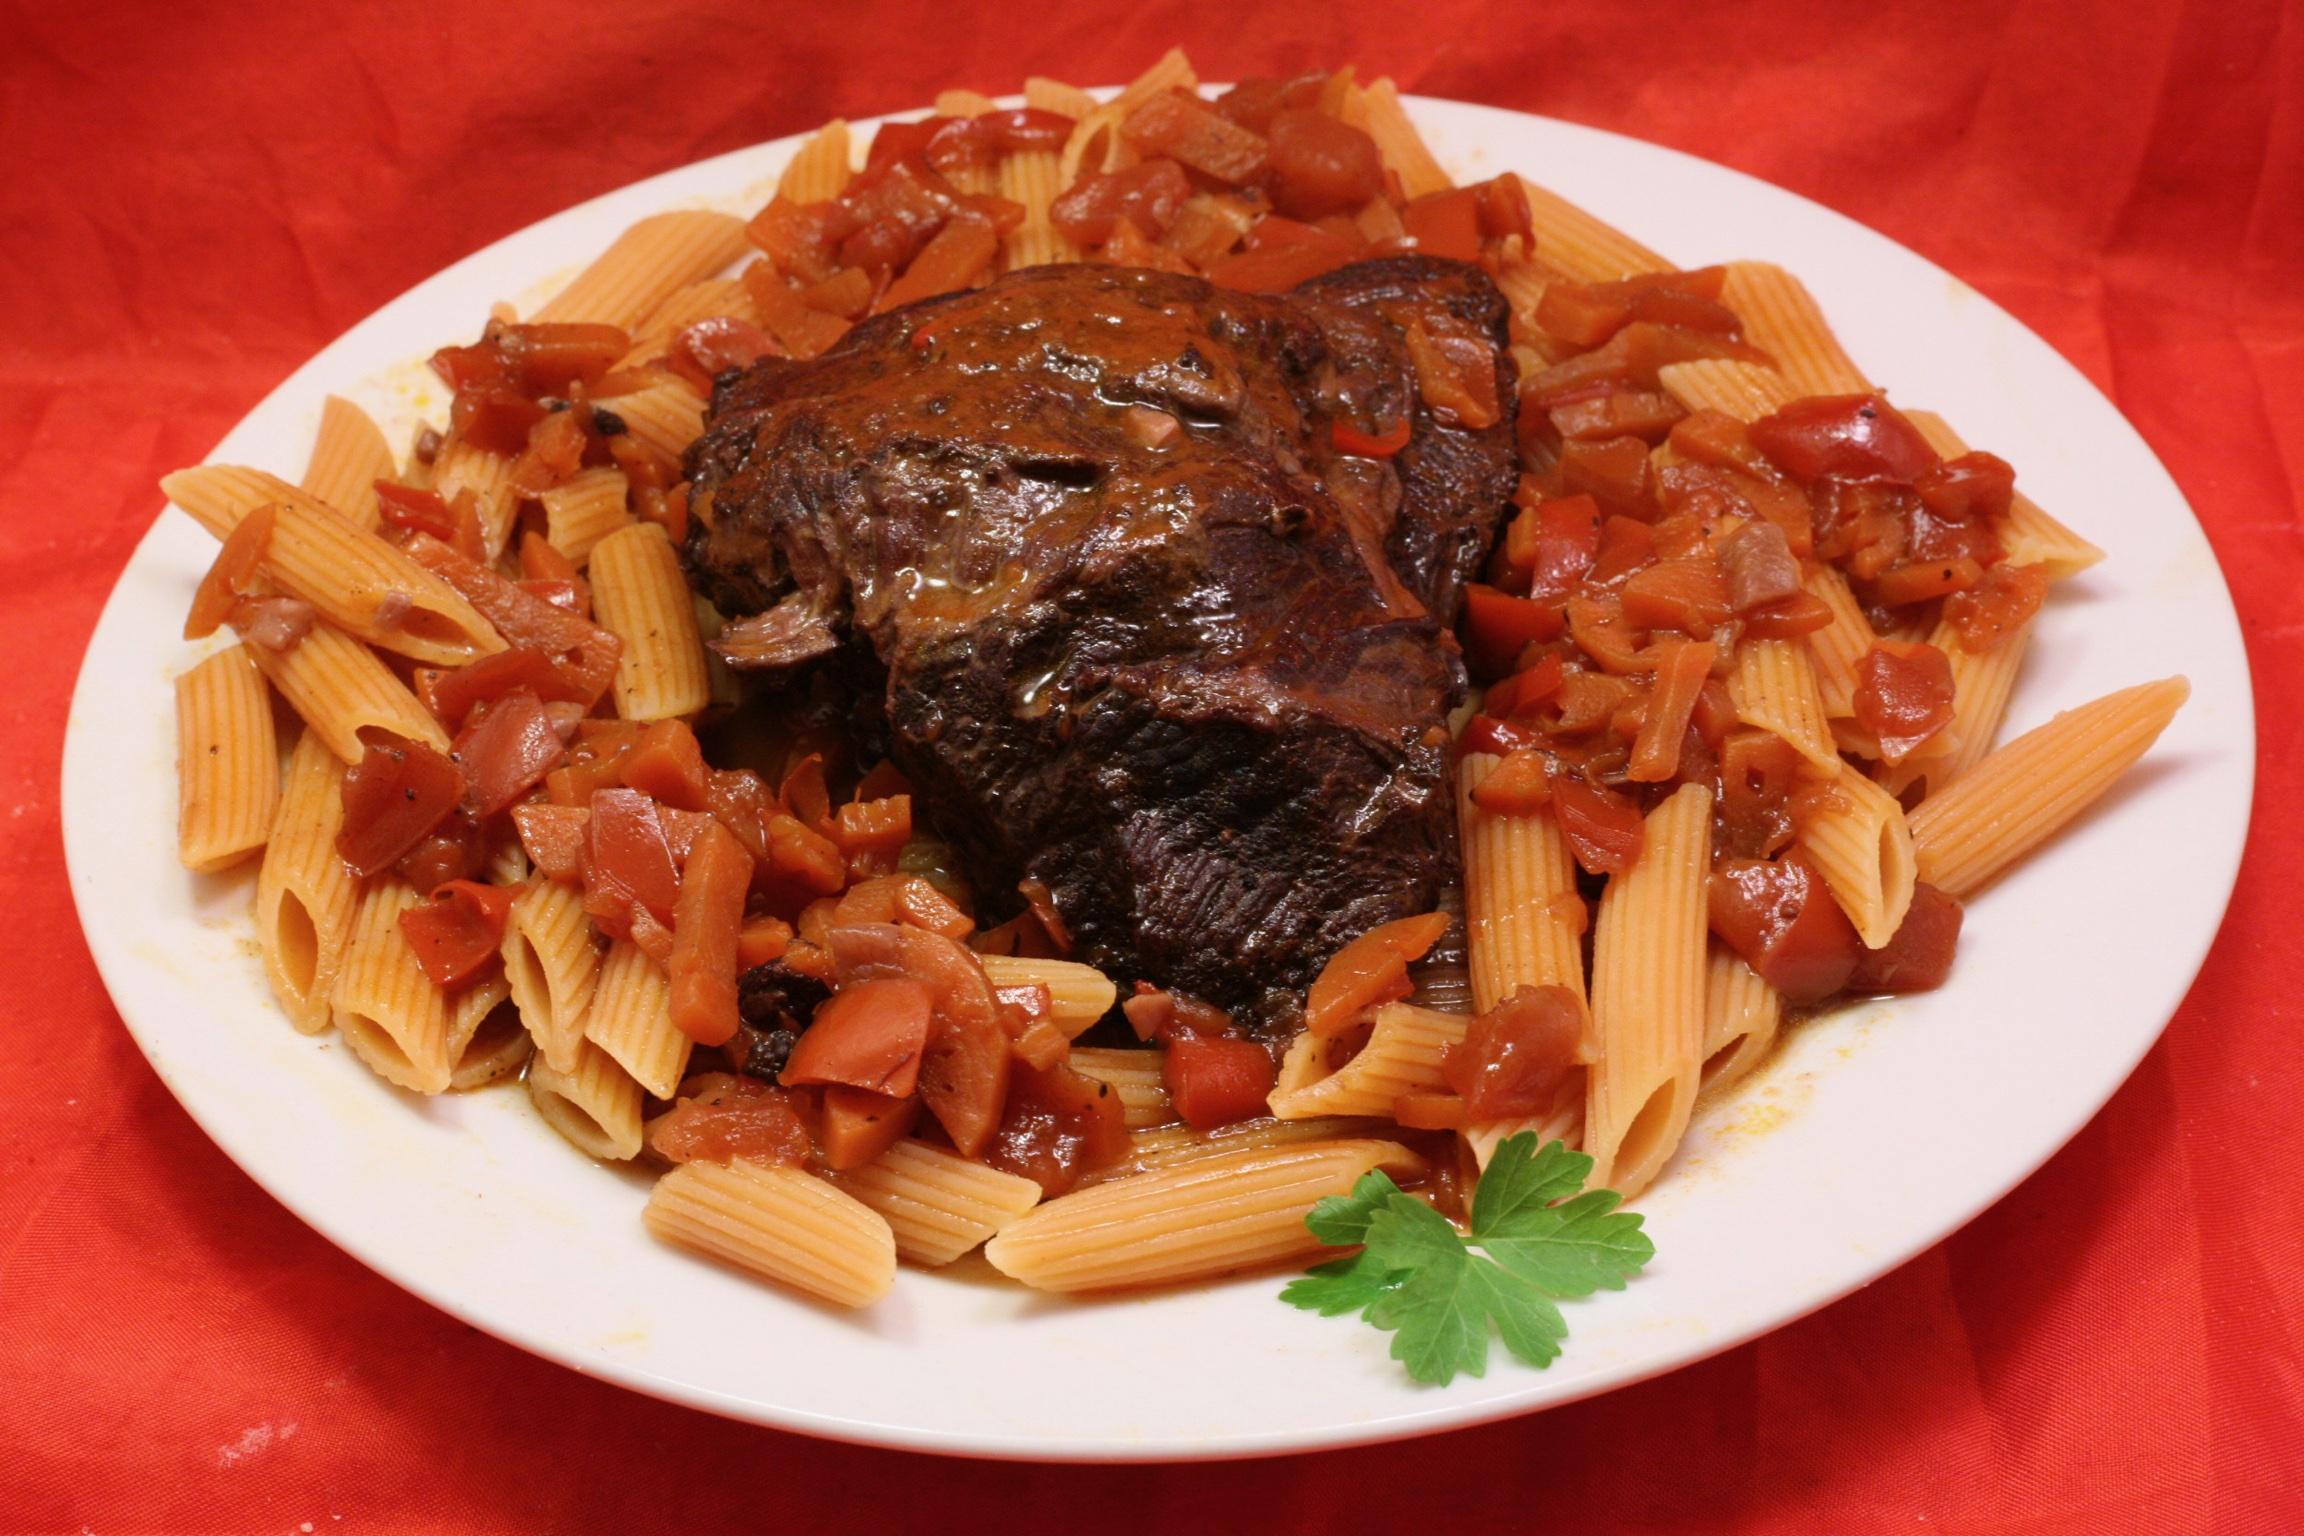 Rinderbäckchen mit Roter-Linsen-Pasta in dunkler Sauce